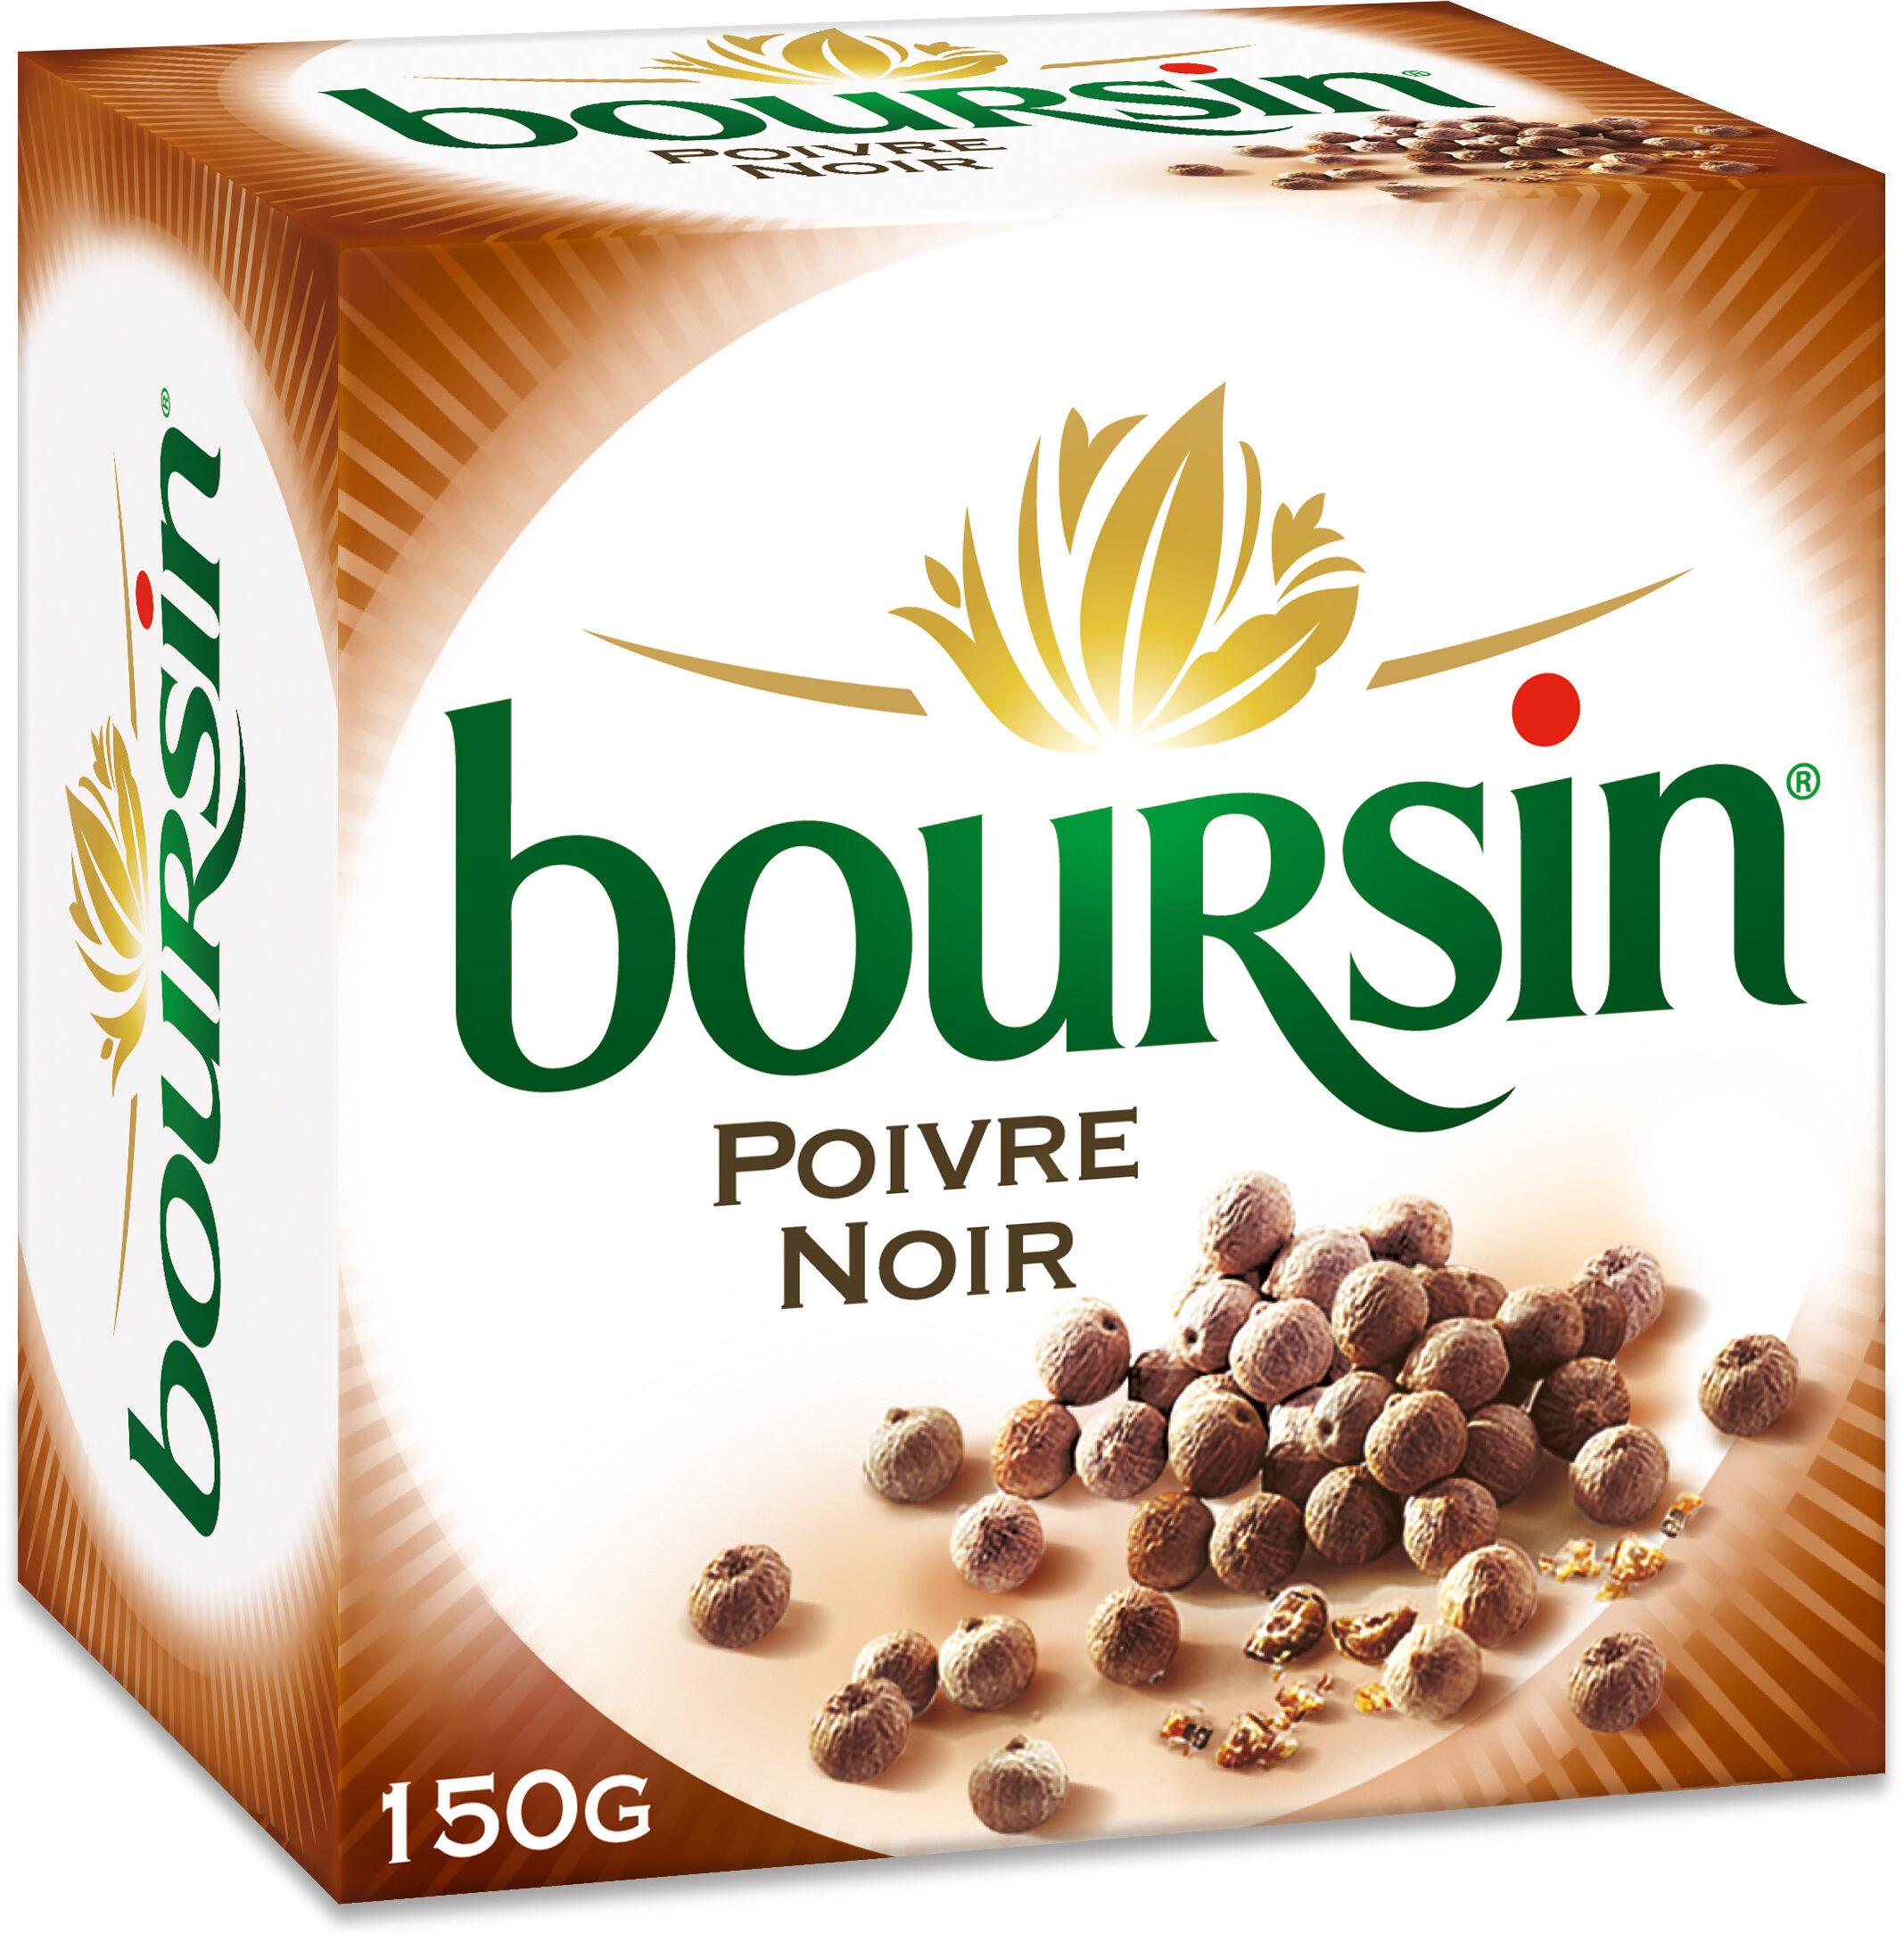 Boursin® Poivre Noir - Product - fr